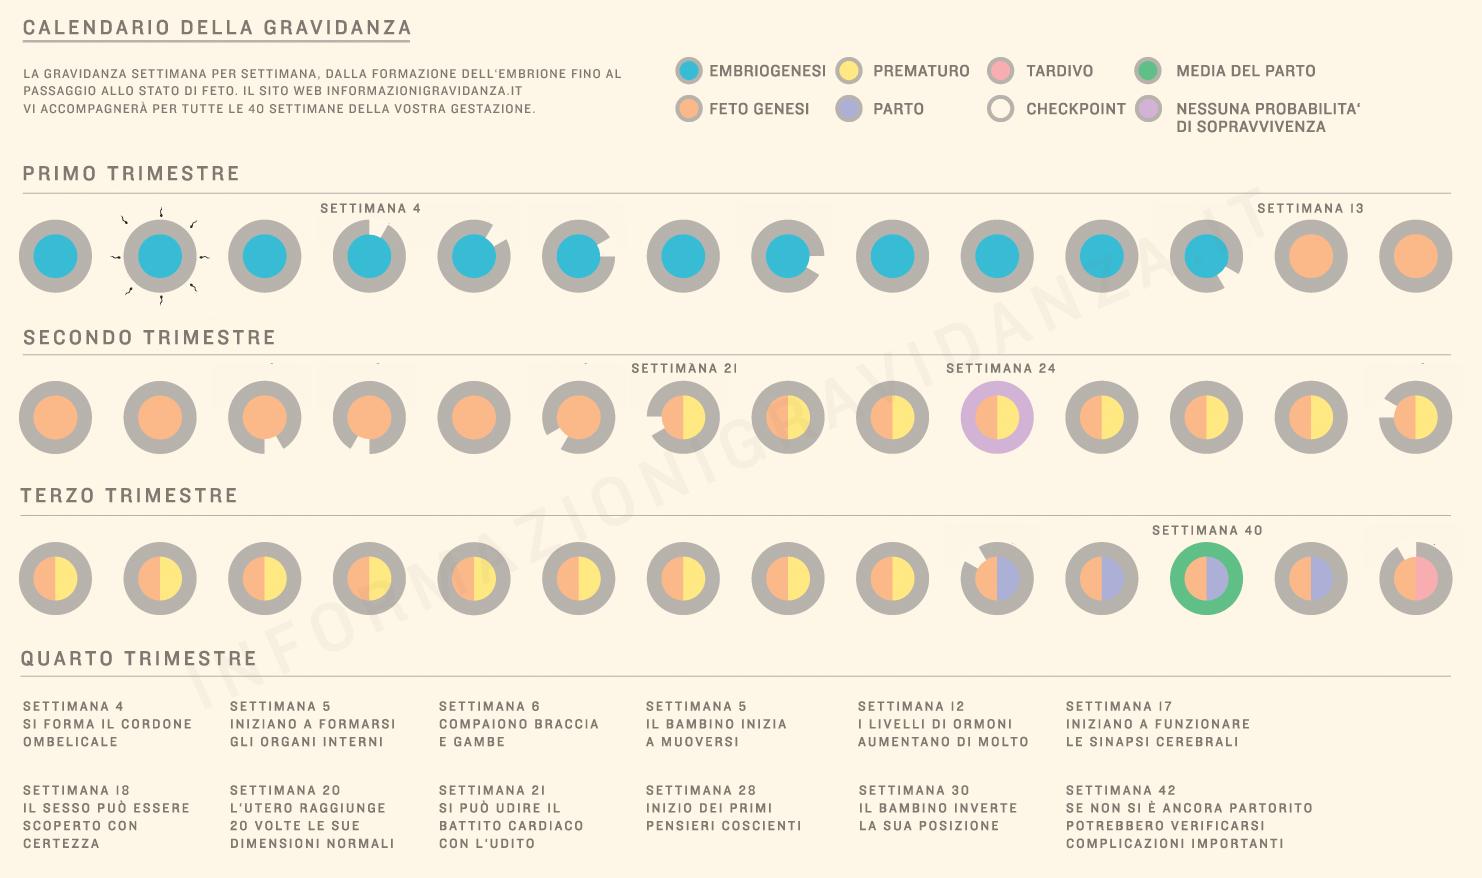 settimane-di-gravidanza-infografica